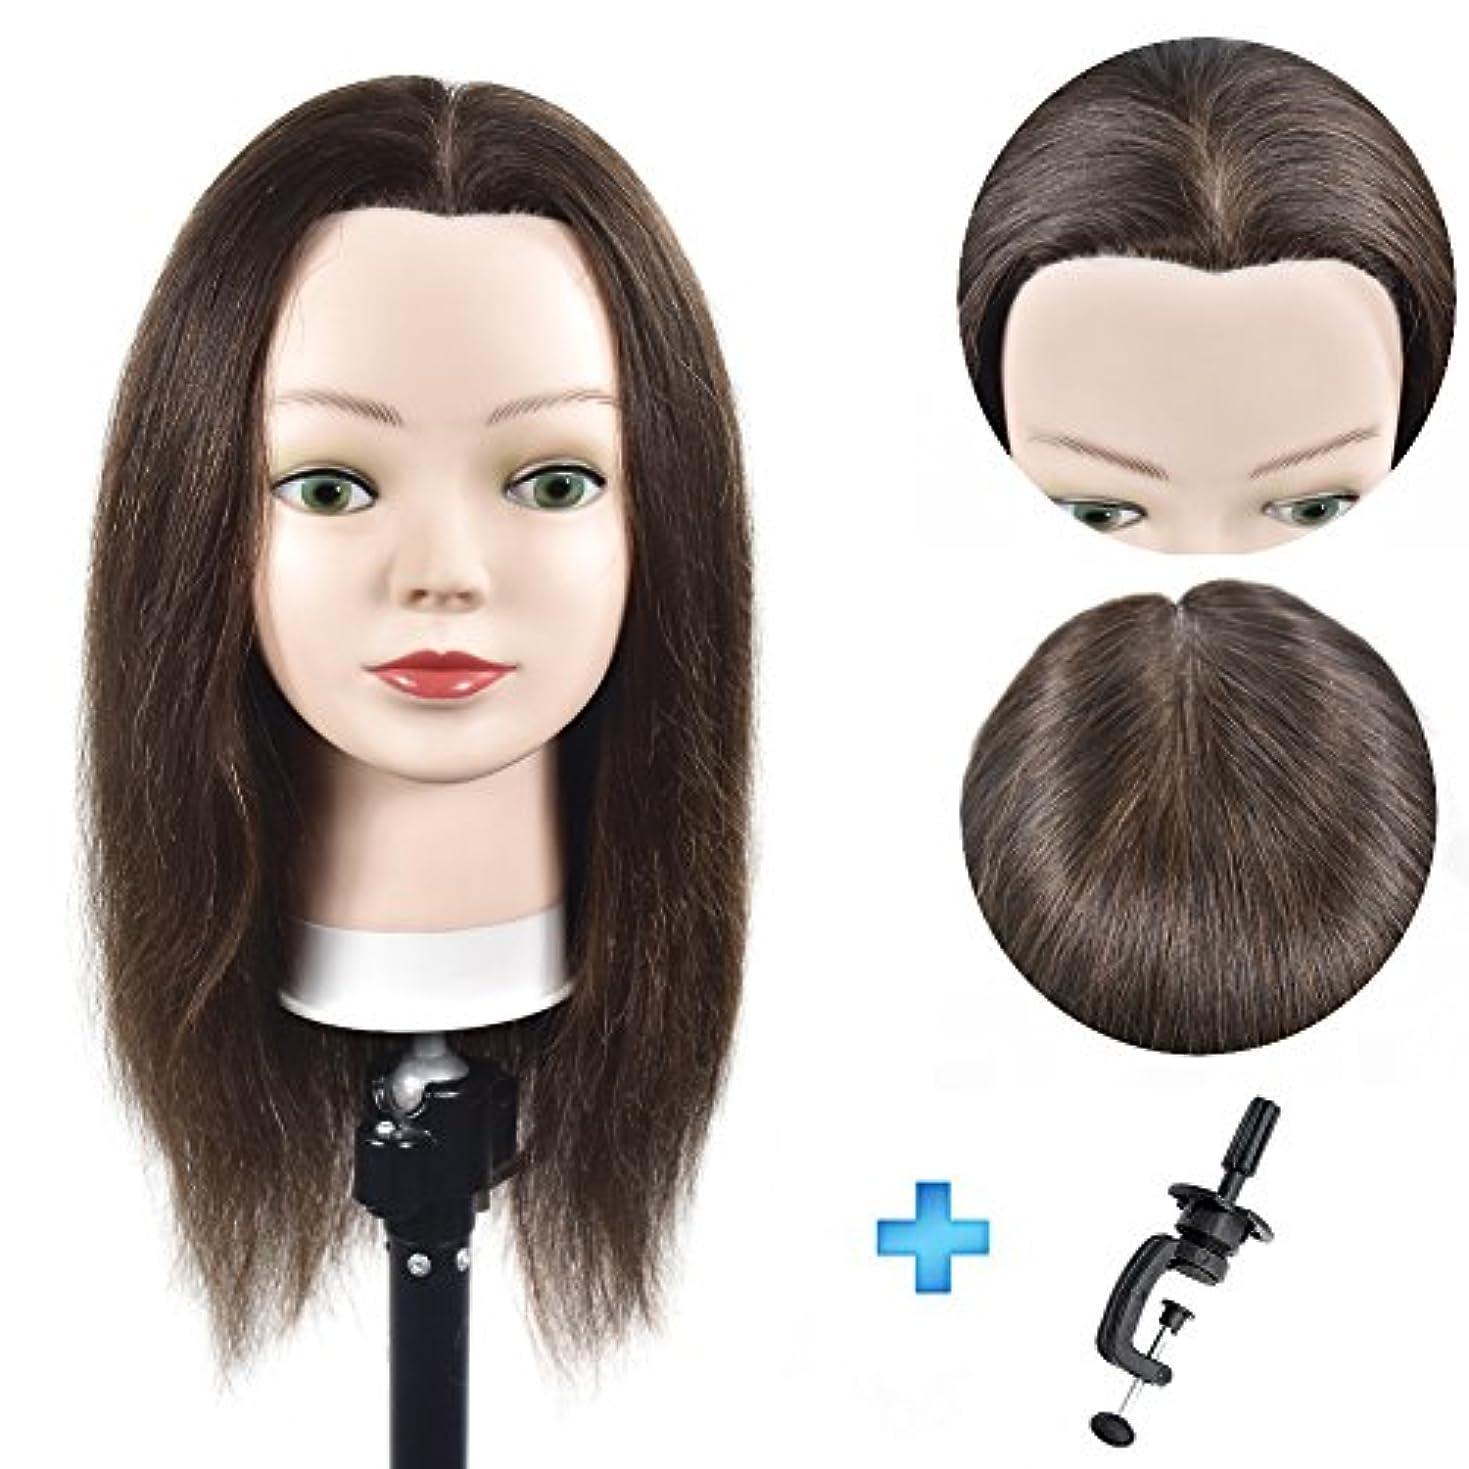 16インチマネキンヘッド100%人間の髪の美容師のトレーニングヘッドマネキン美容師の人形ヘッド(テーブルクランプスタンドが含まれています)